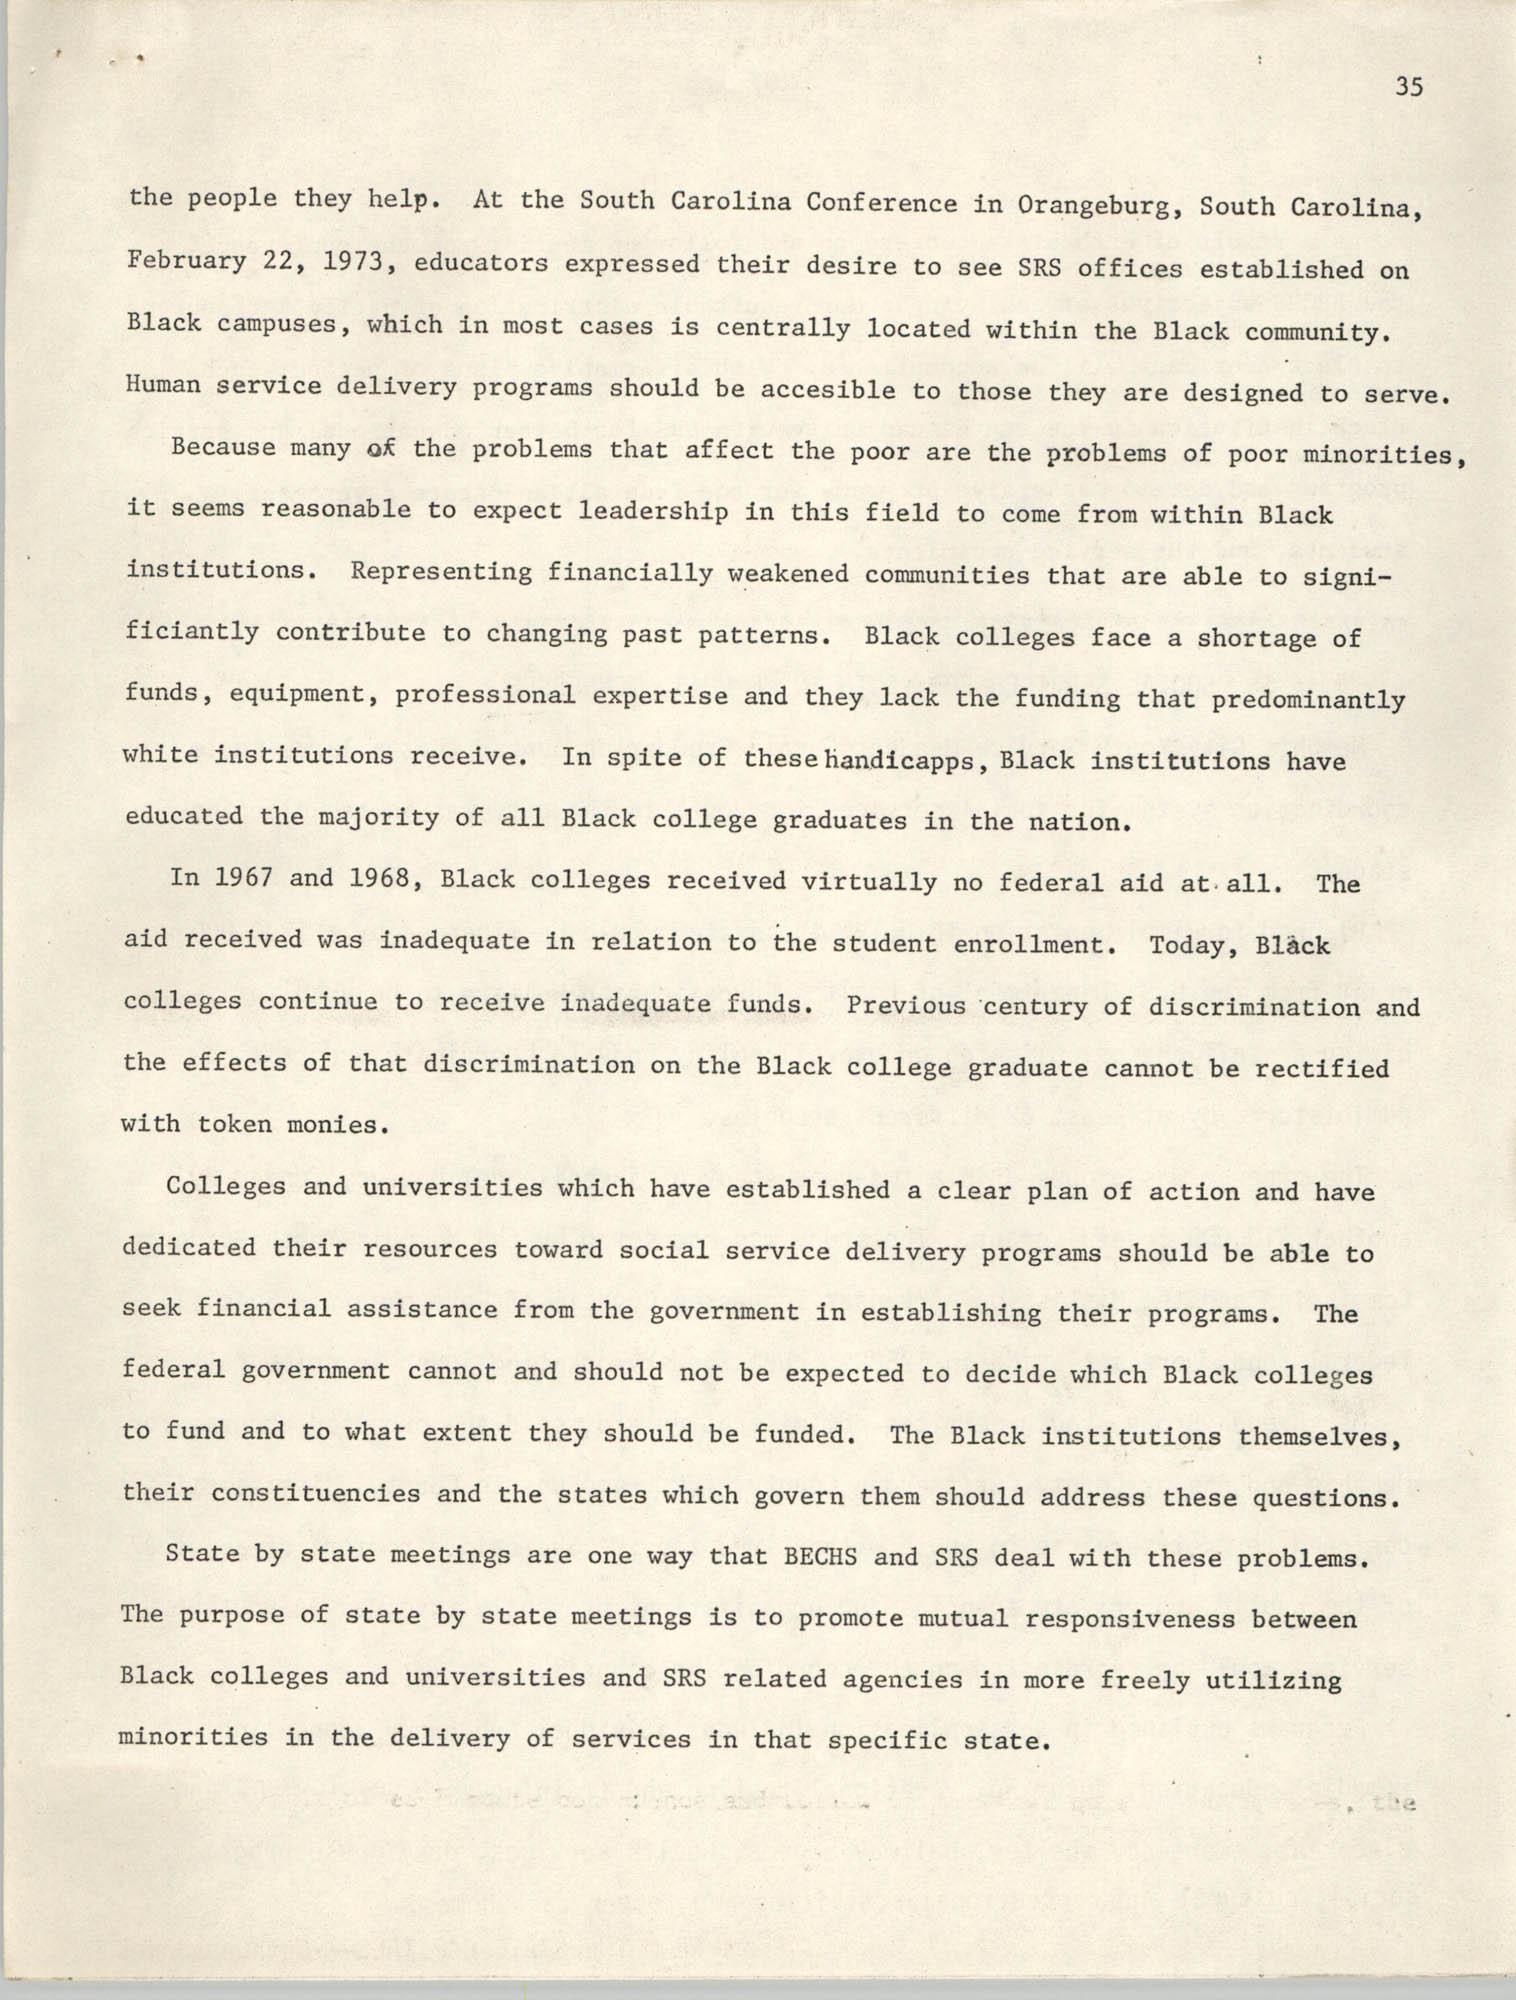 SHARE, Volume I, Number 8, April 1973, Page 35